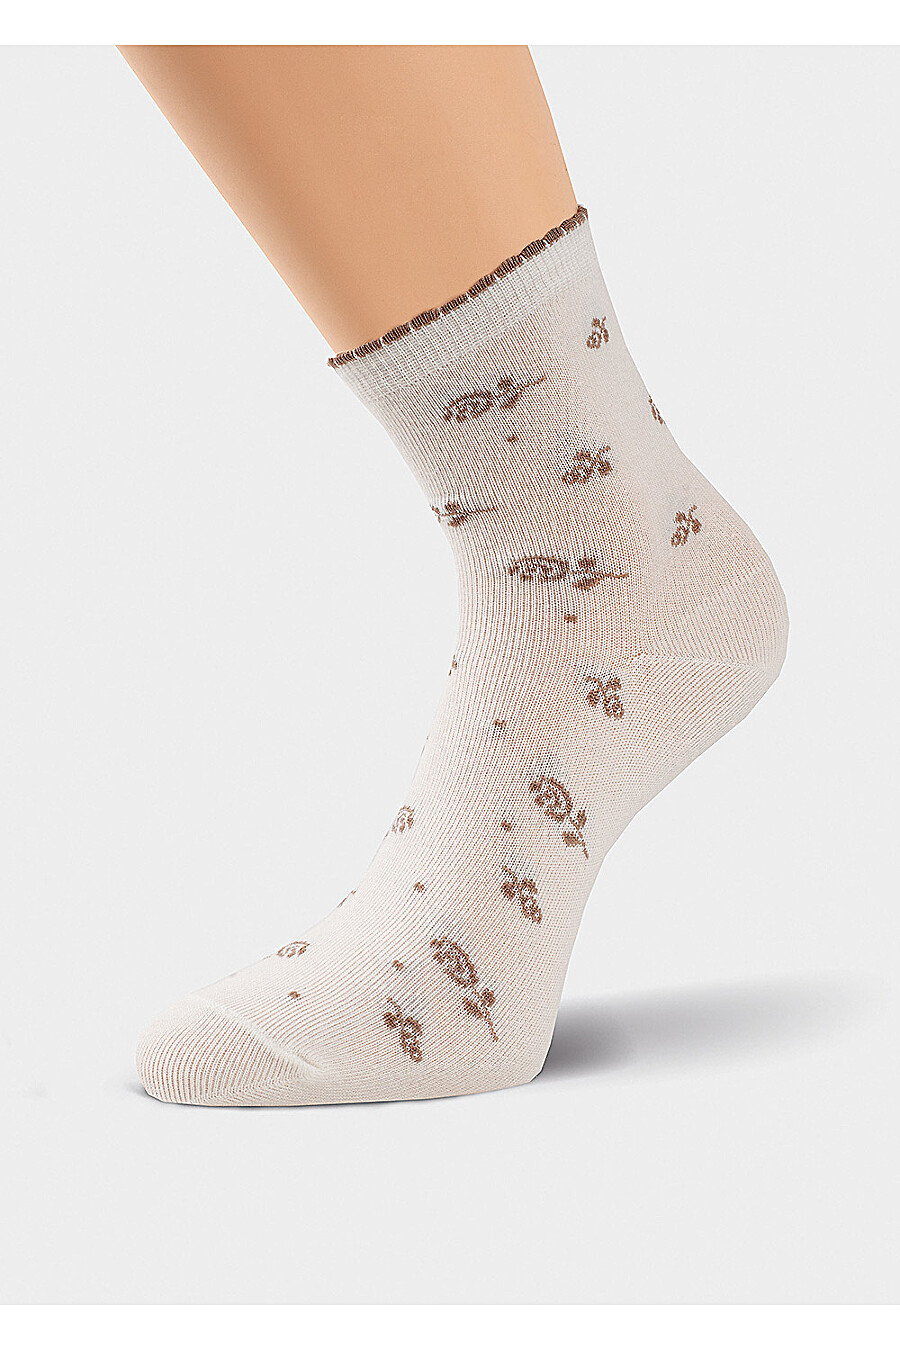 Носки для женщин CLEVER 175758 купить оптом от производителя. Совместная покупка женской одежды в OptMoyo